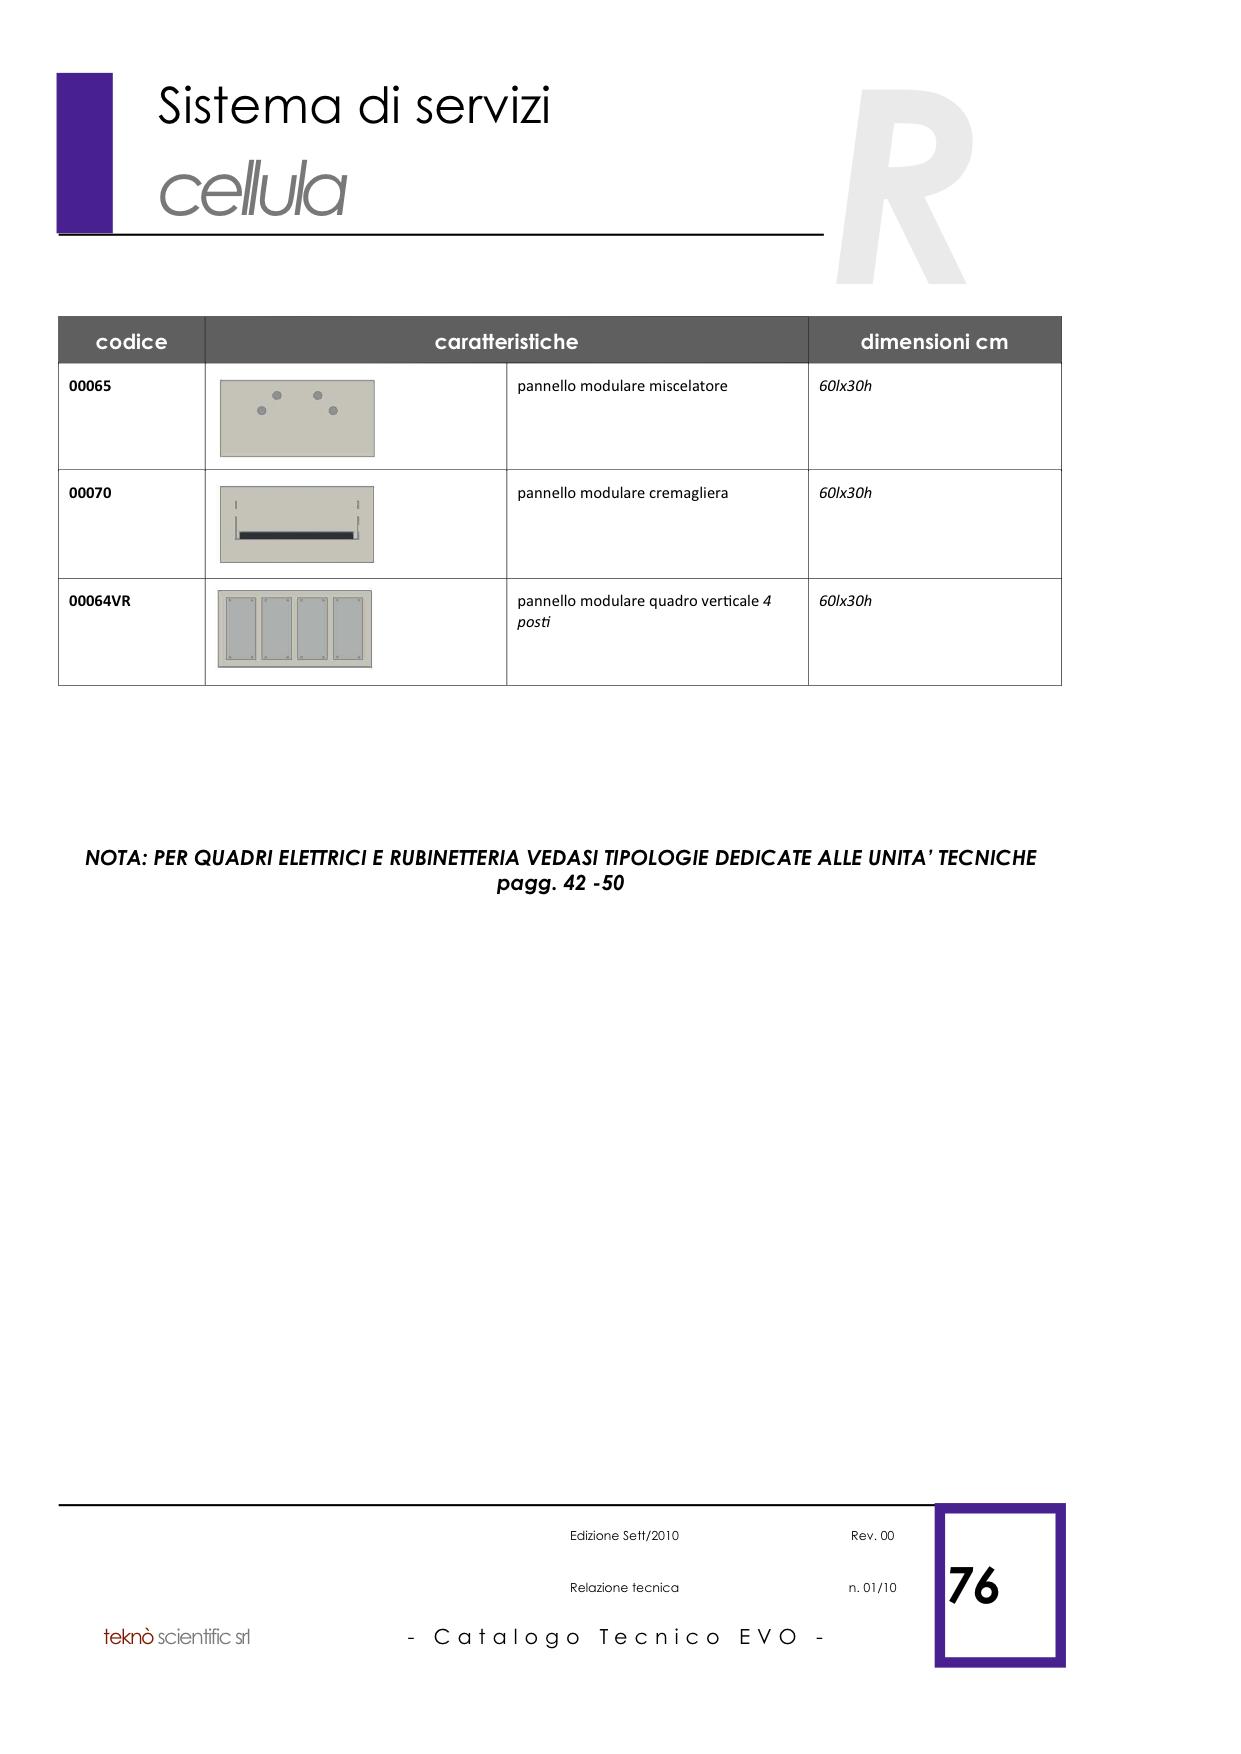 EVO Catalogo Tecnico Generale copia 76.png